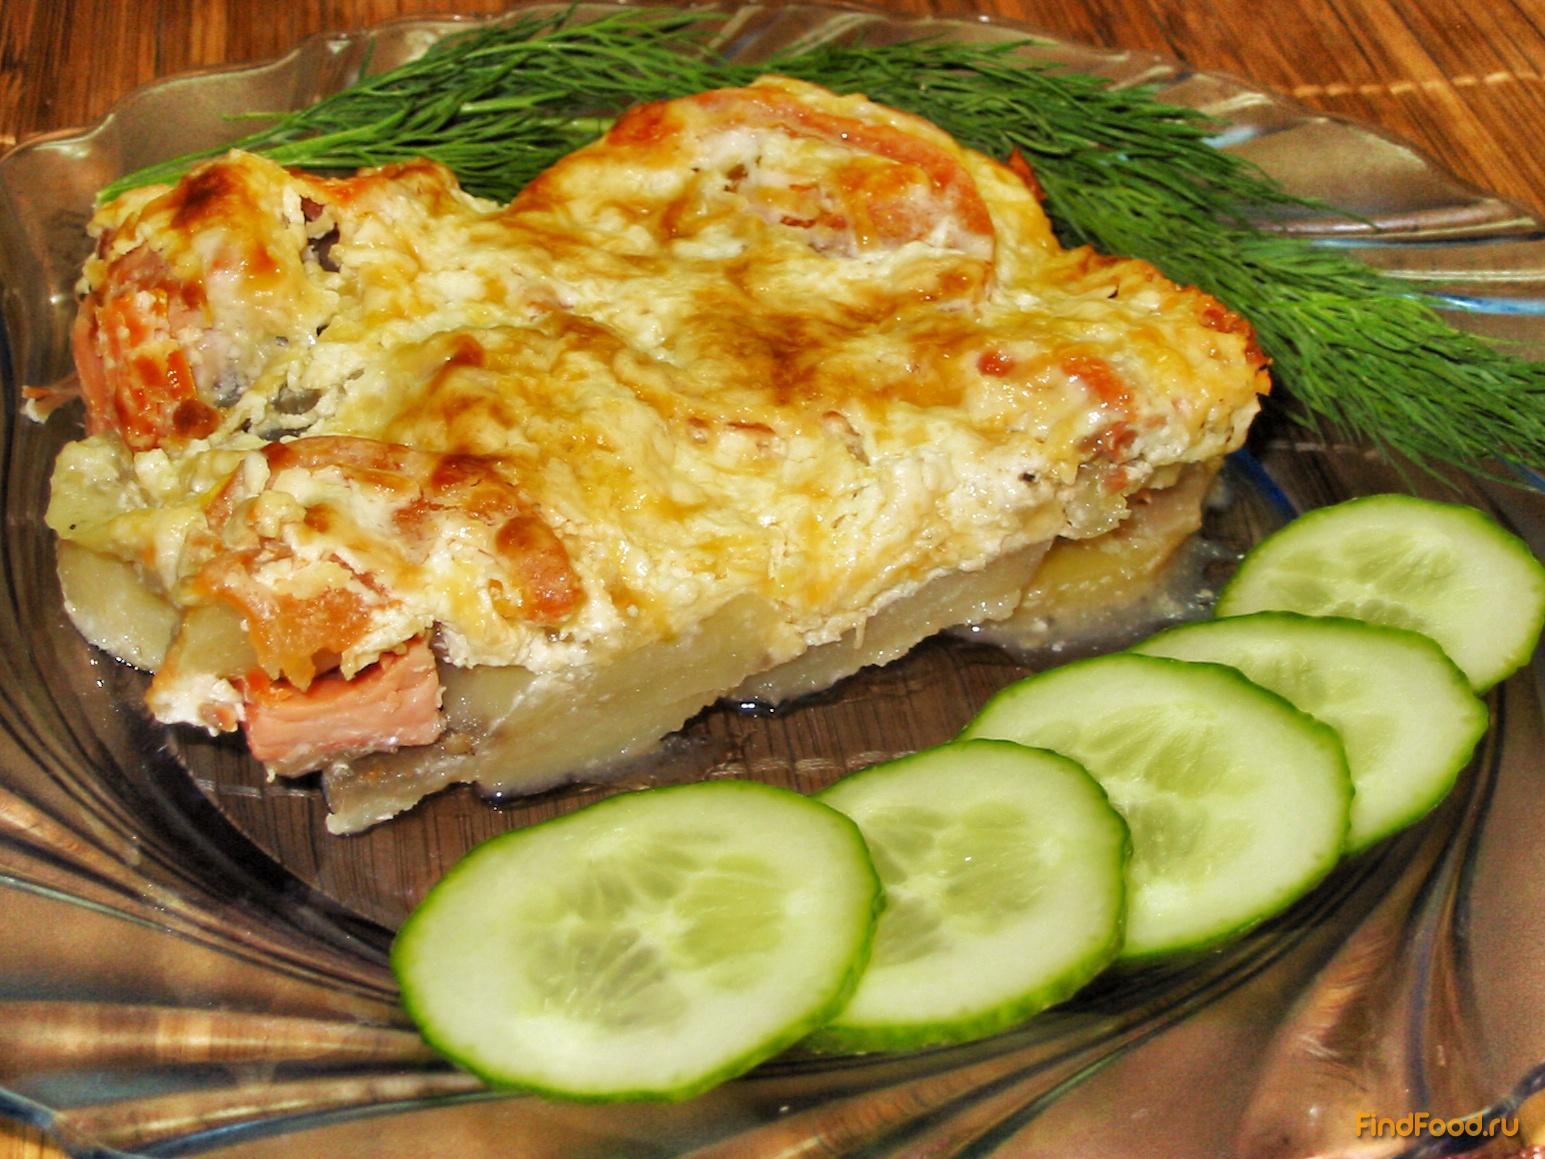 Рыбная запеканка с картофелем пошагово